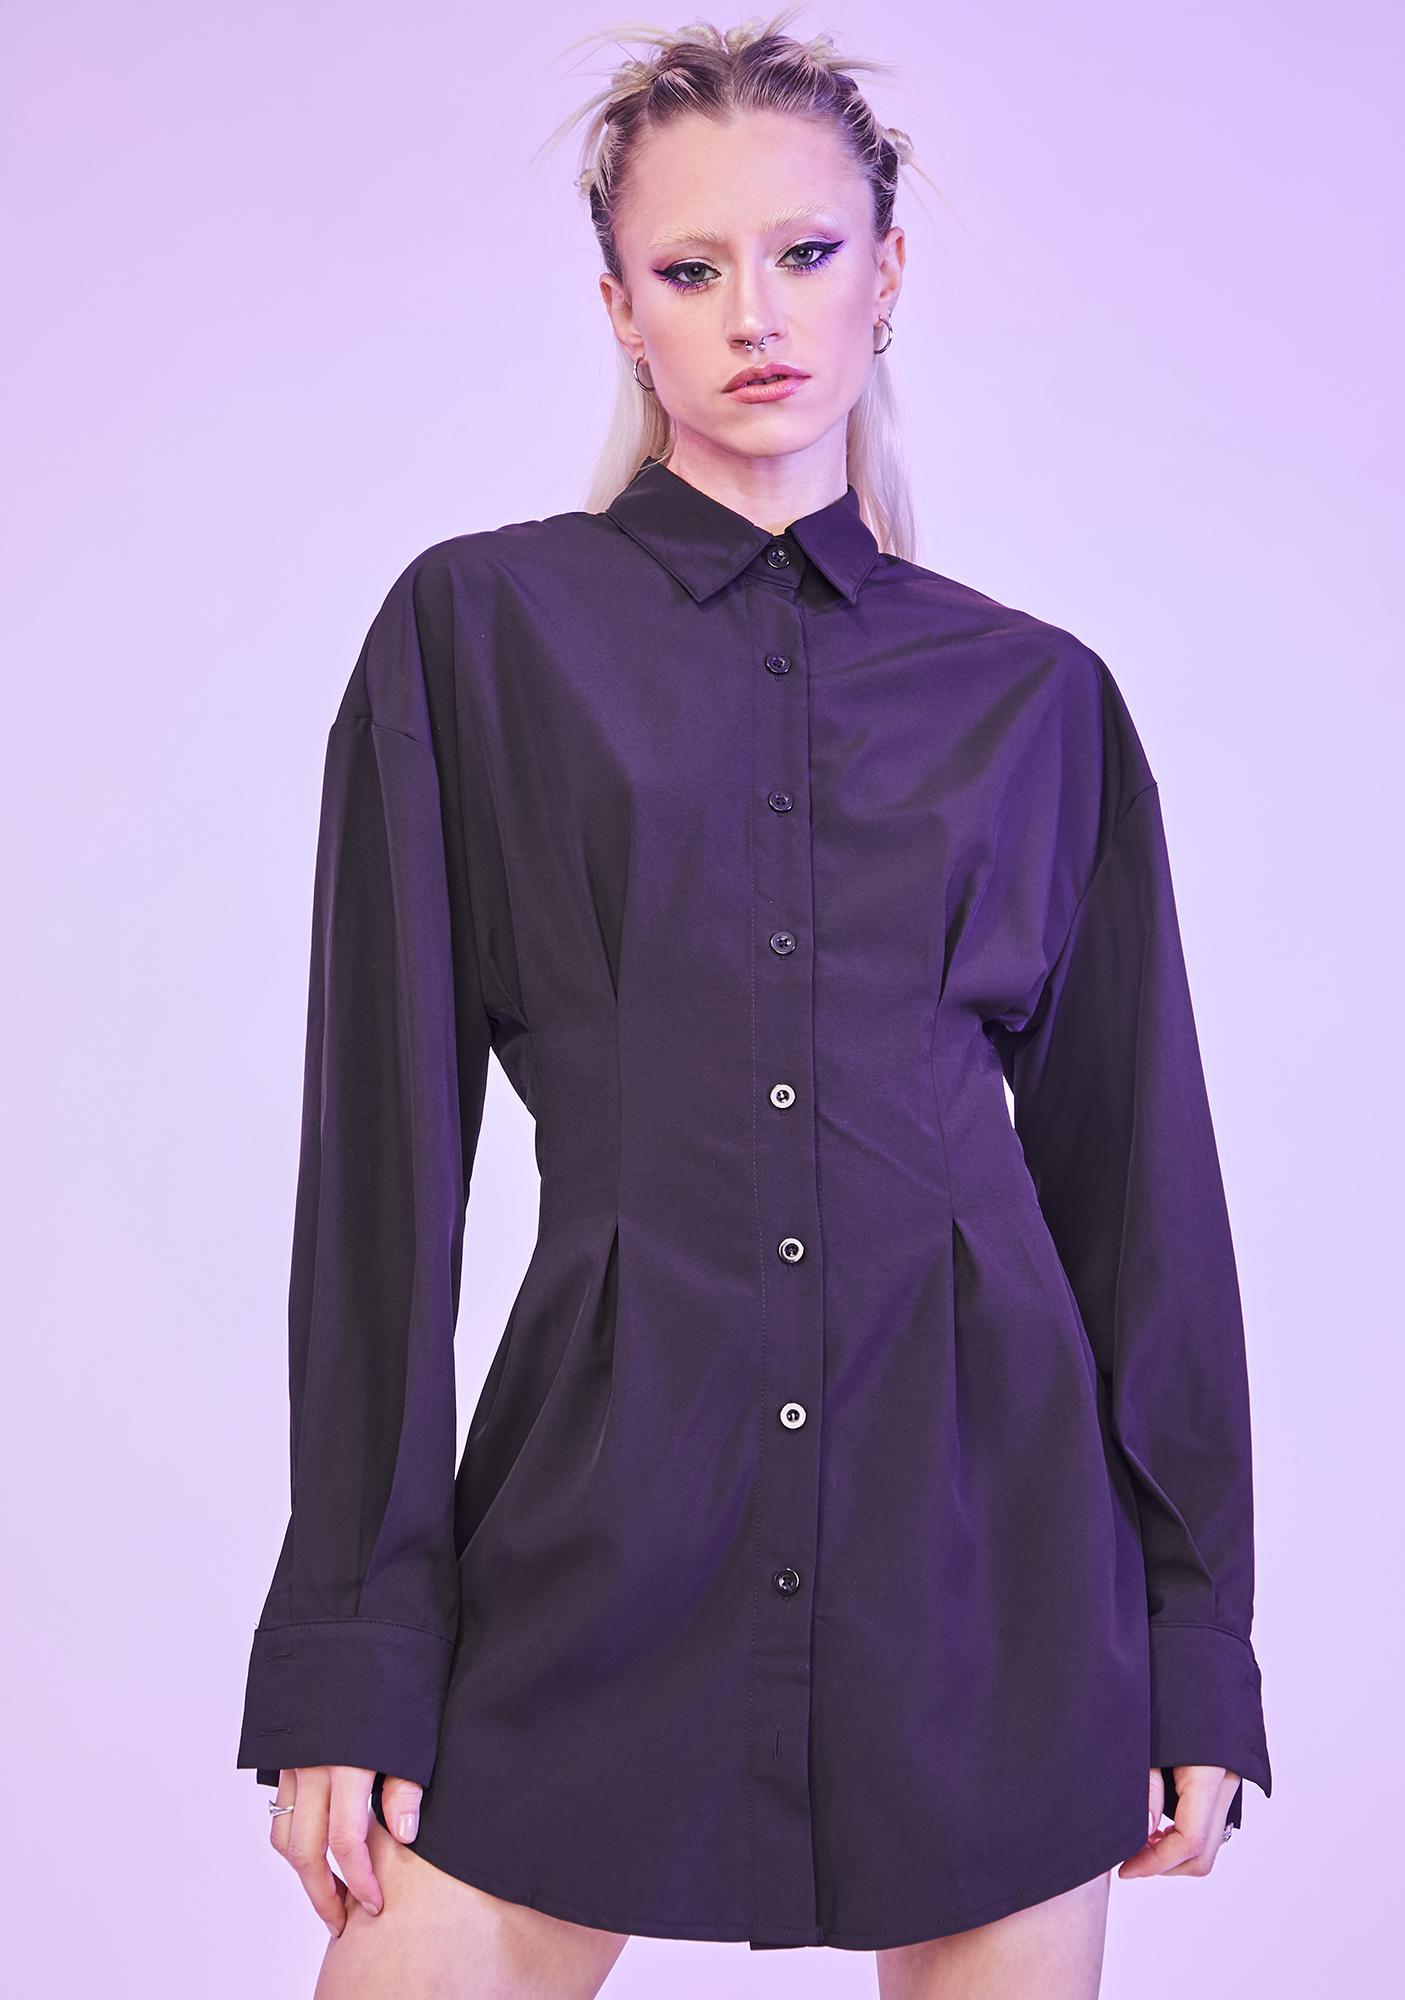 Noir Waiting For Tonight Long Sleeve Shirt Dress